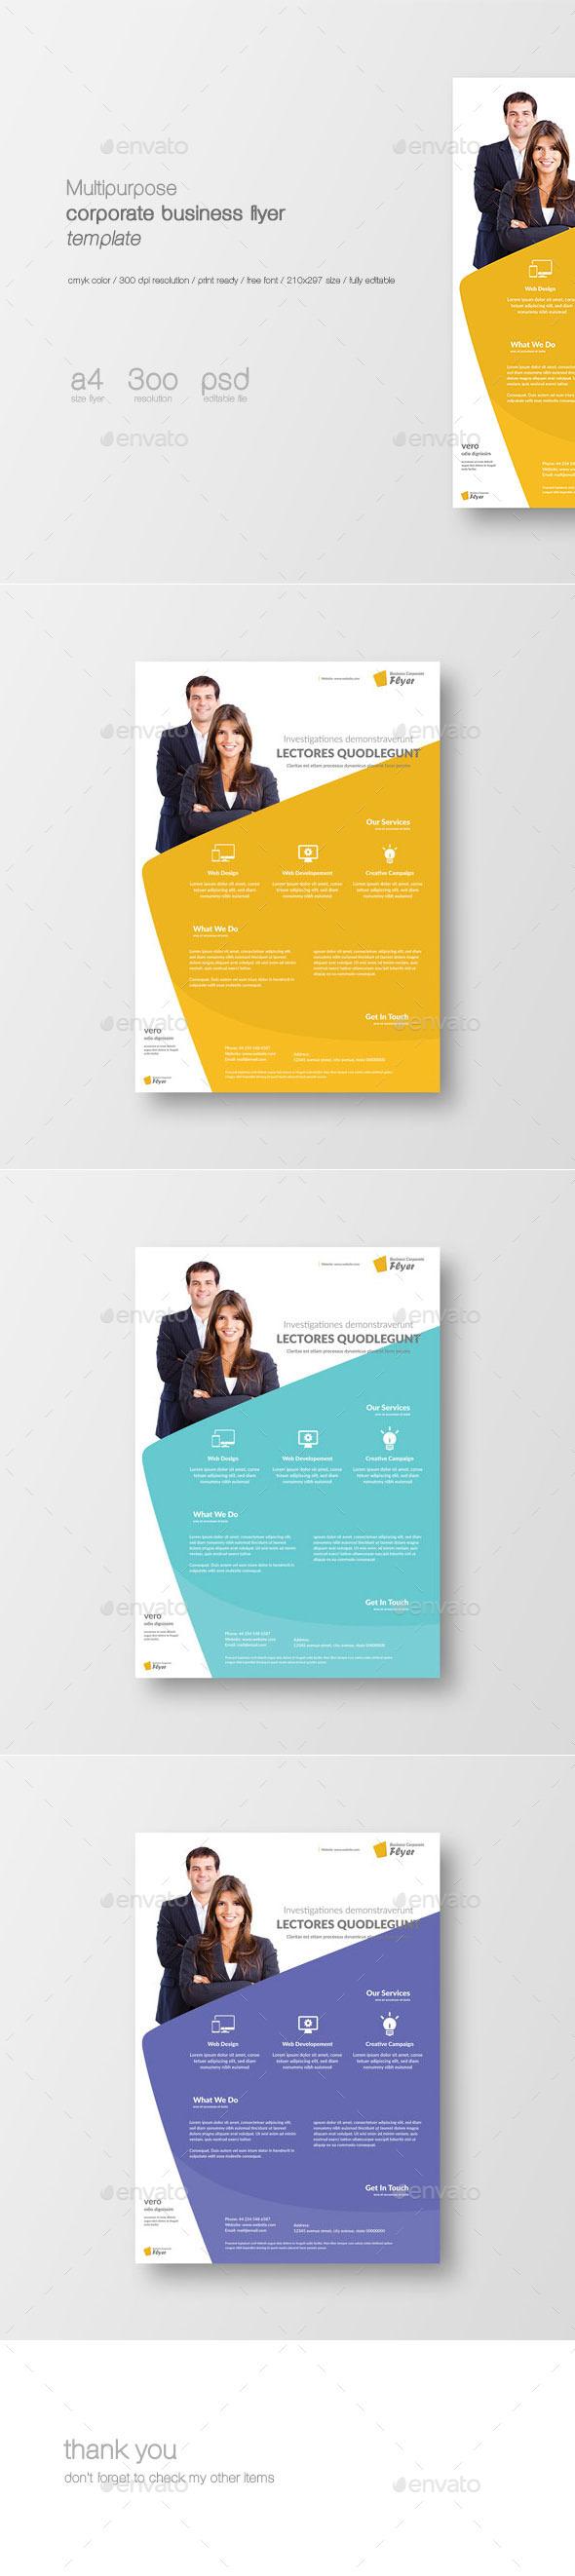 GraphicRiver Multipurpose Corporate Flyer Template 11448004